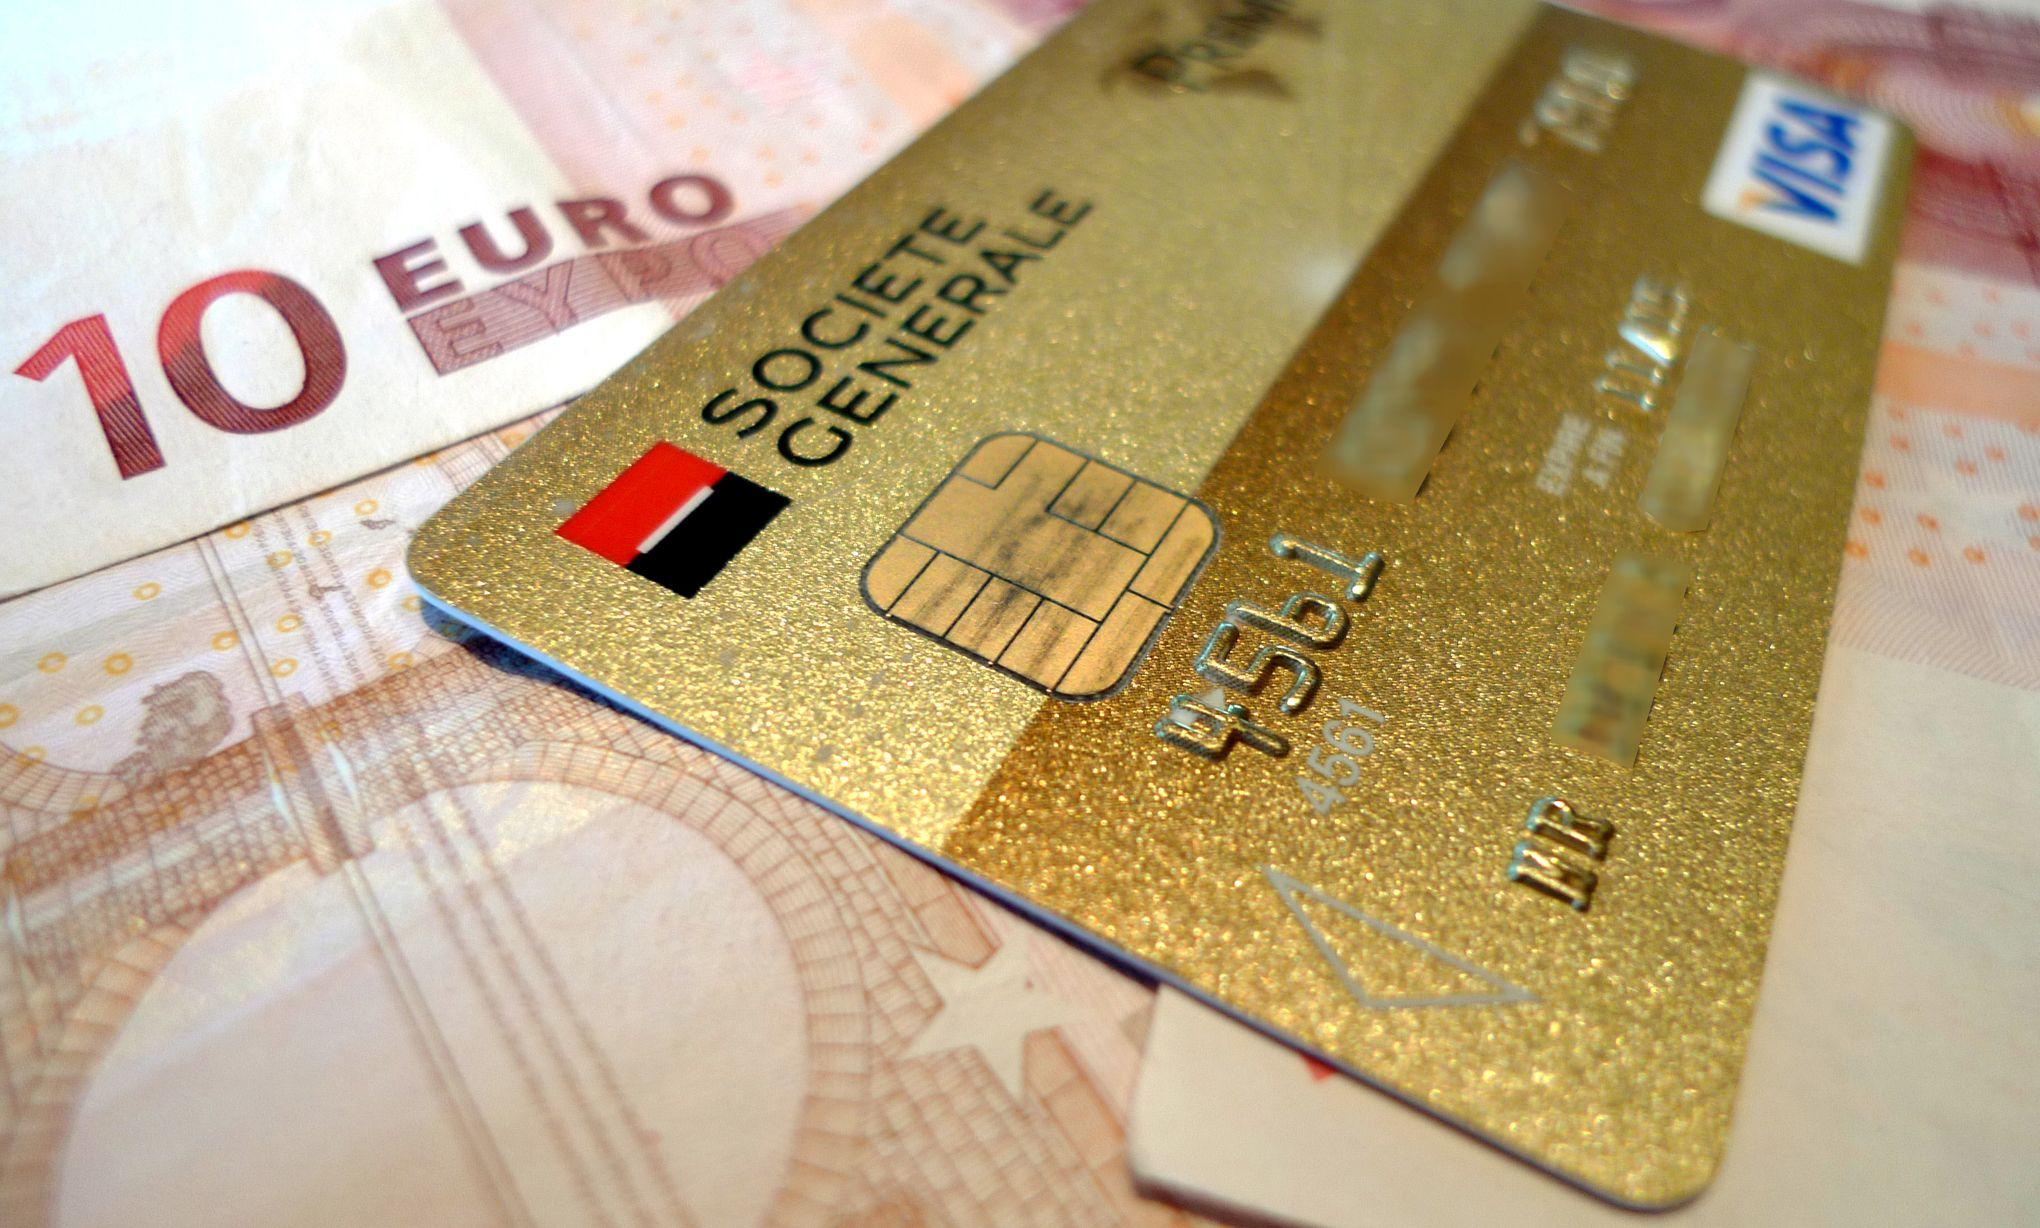 Carte Visa Black Societe Generale.La Societe Generale Va Lancer Debut 2019 Une Carte Bancaire